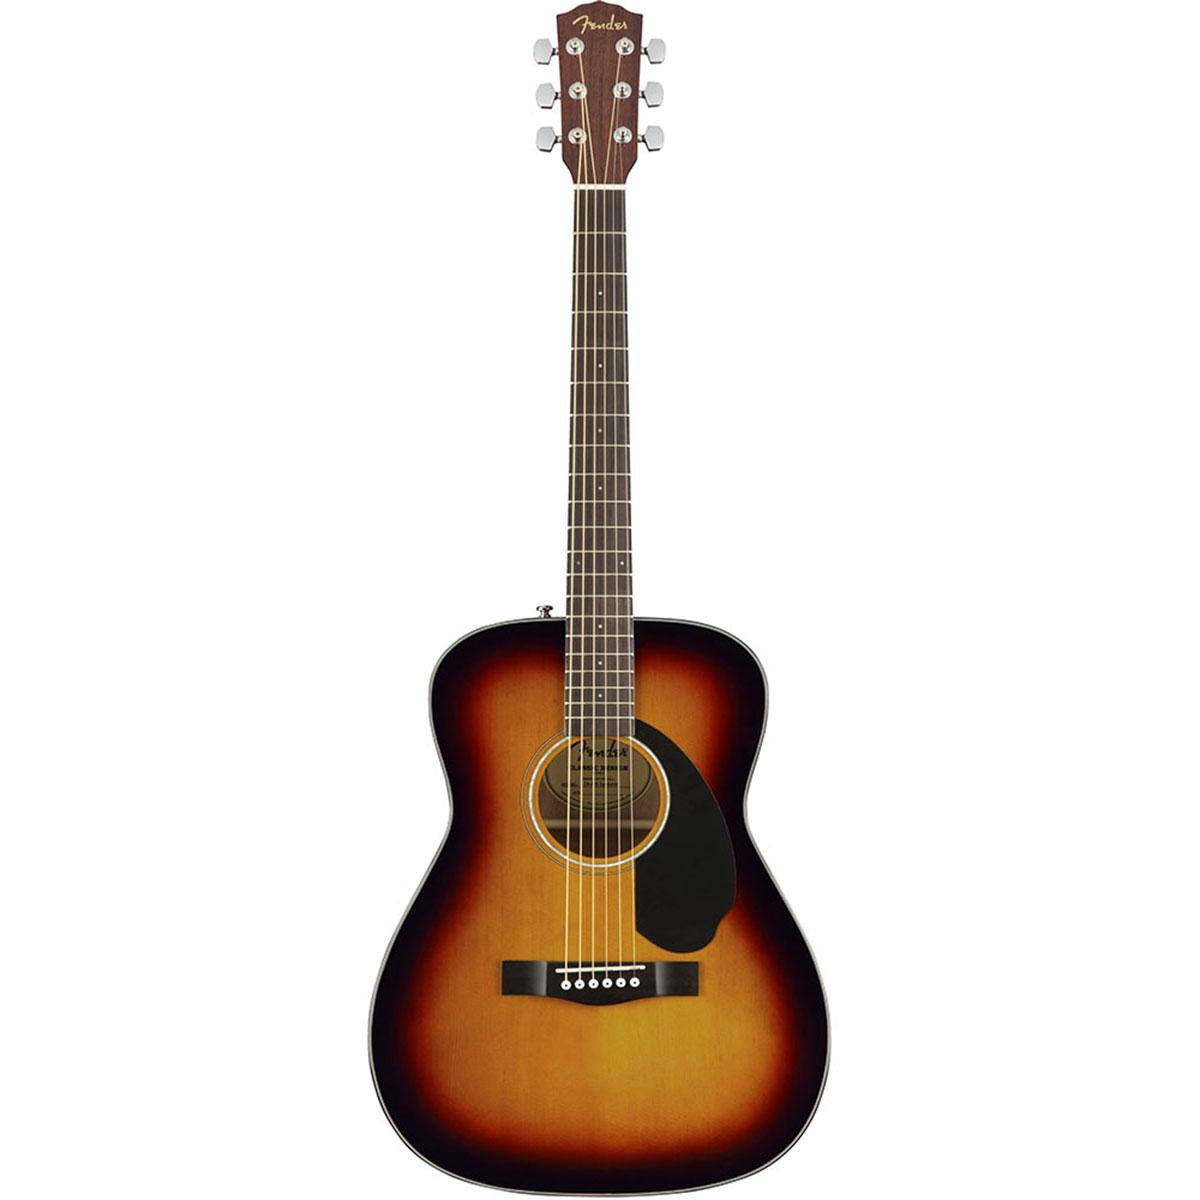 Fender - CC-60S Classic Concert Sunburst